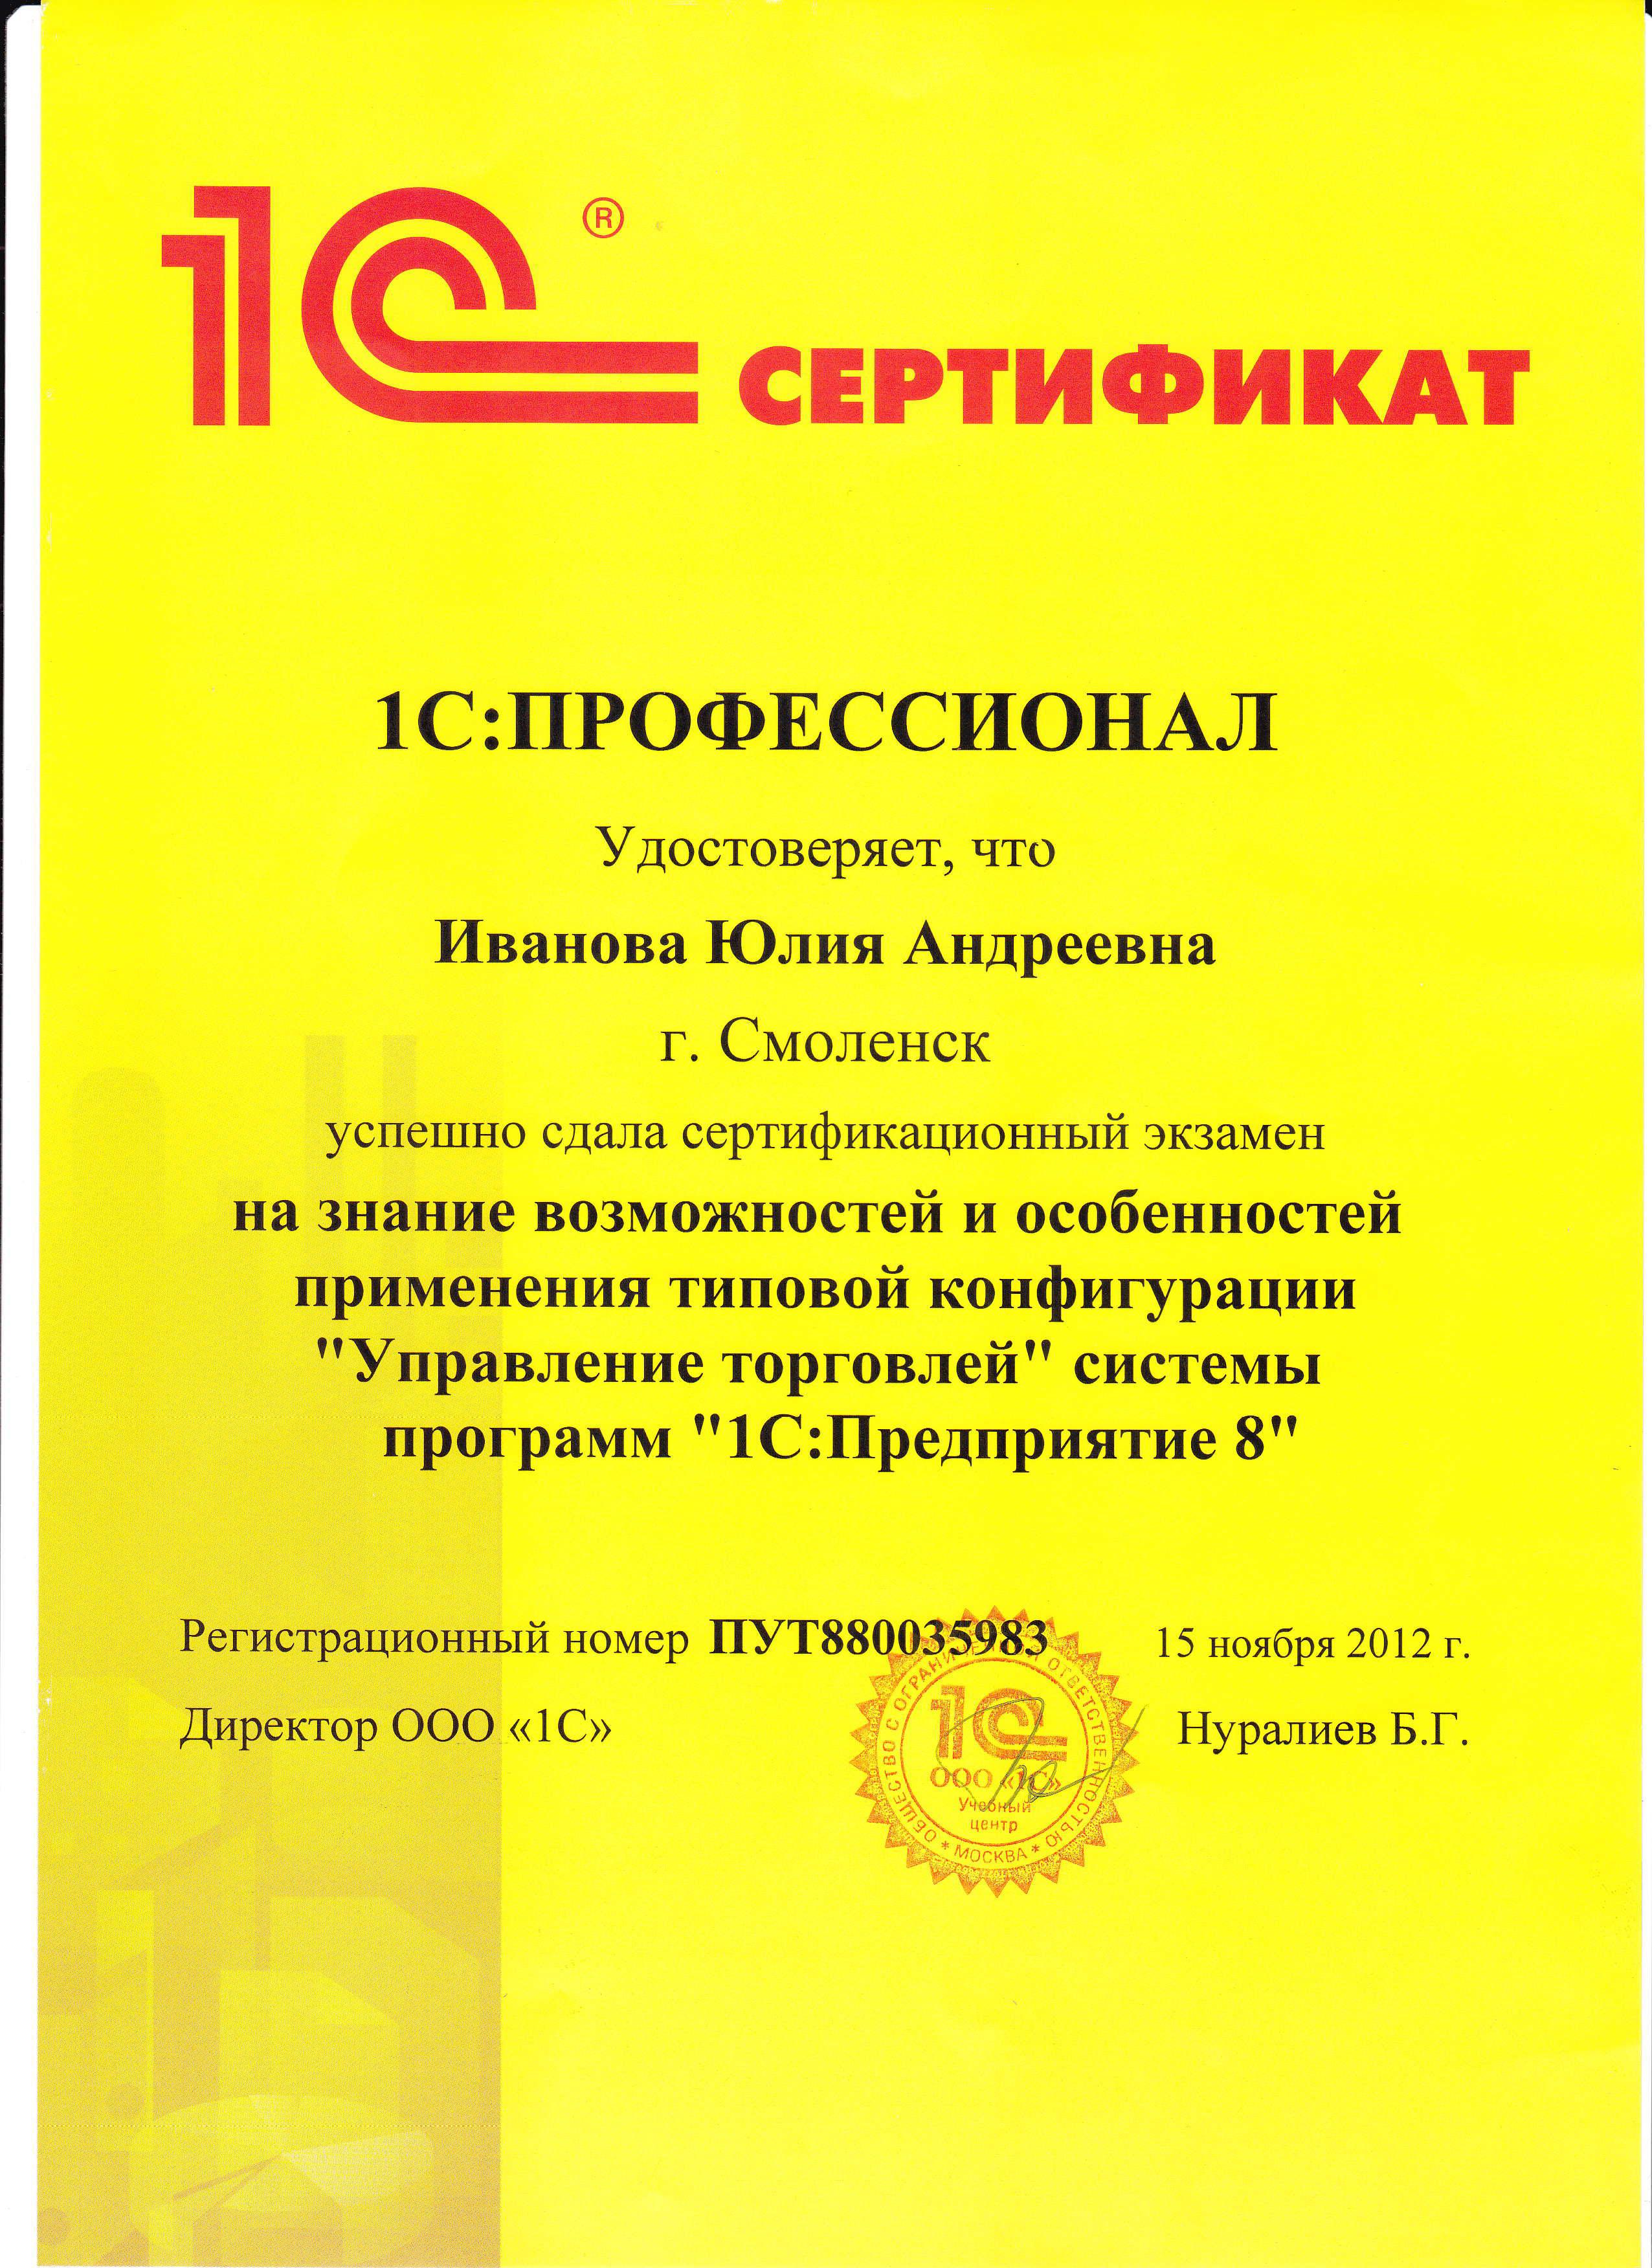 Смоленск обучение по электробезопасности кто имеет право проводить обучение группа электробезопасность